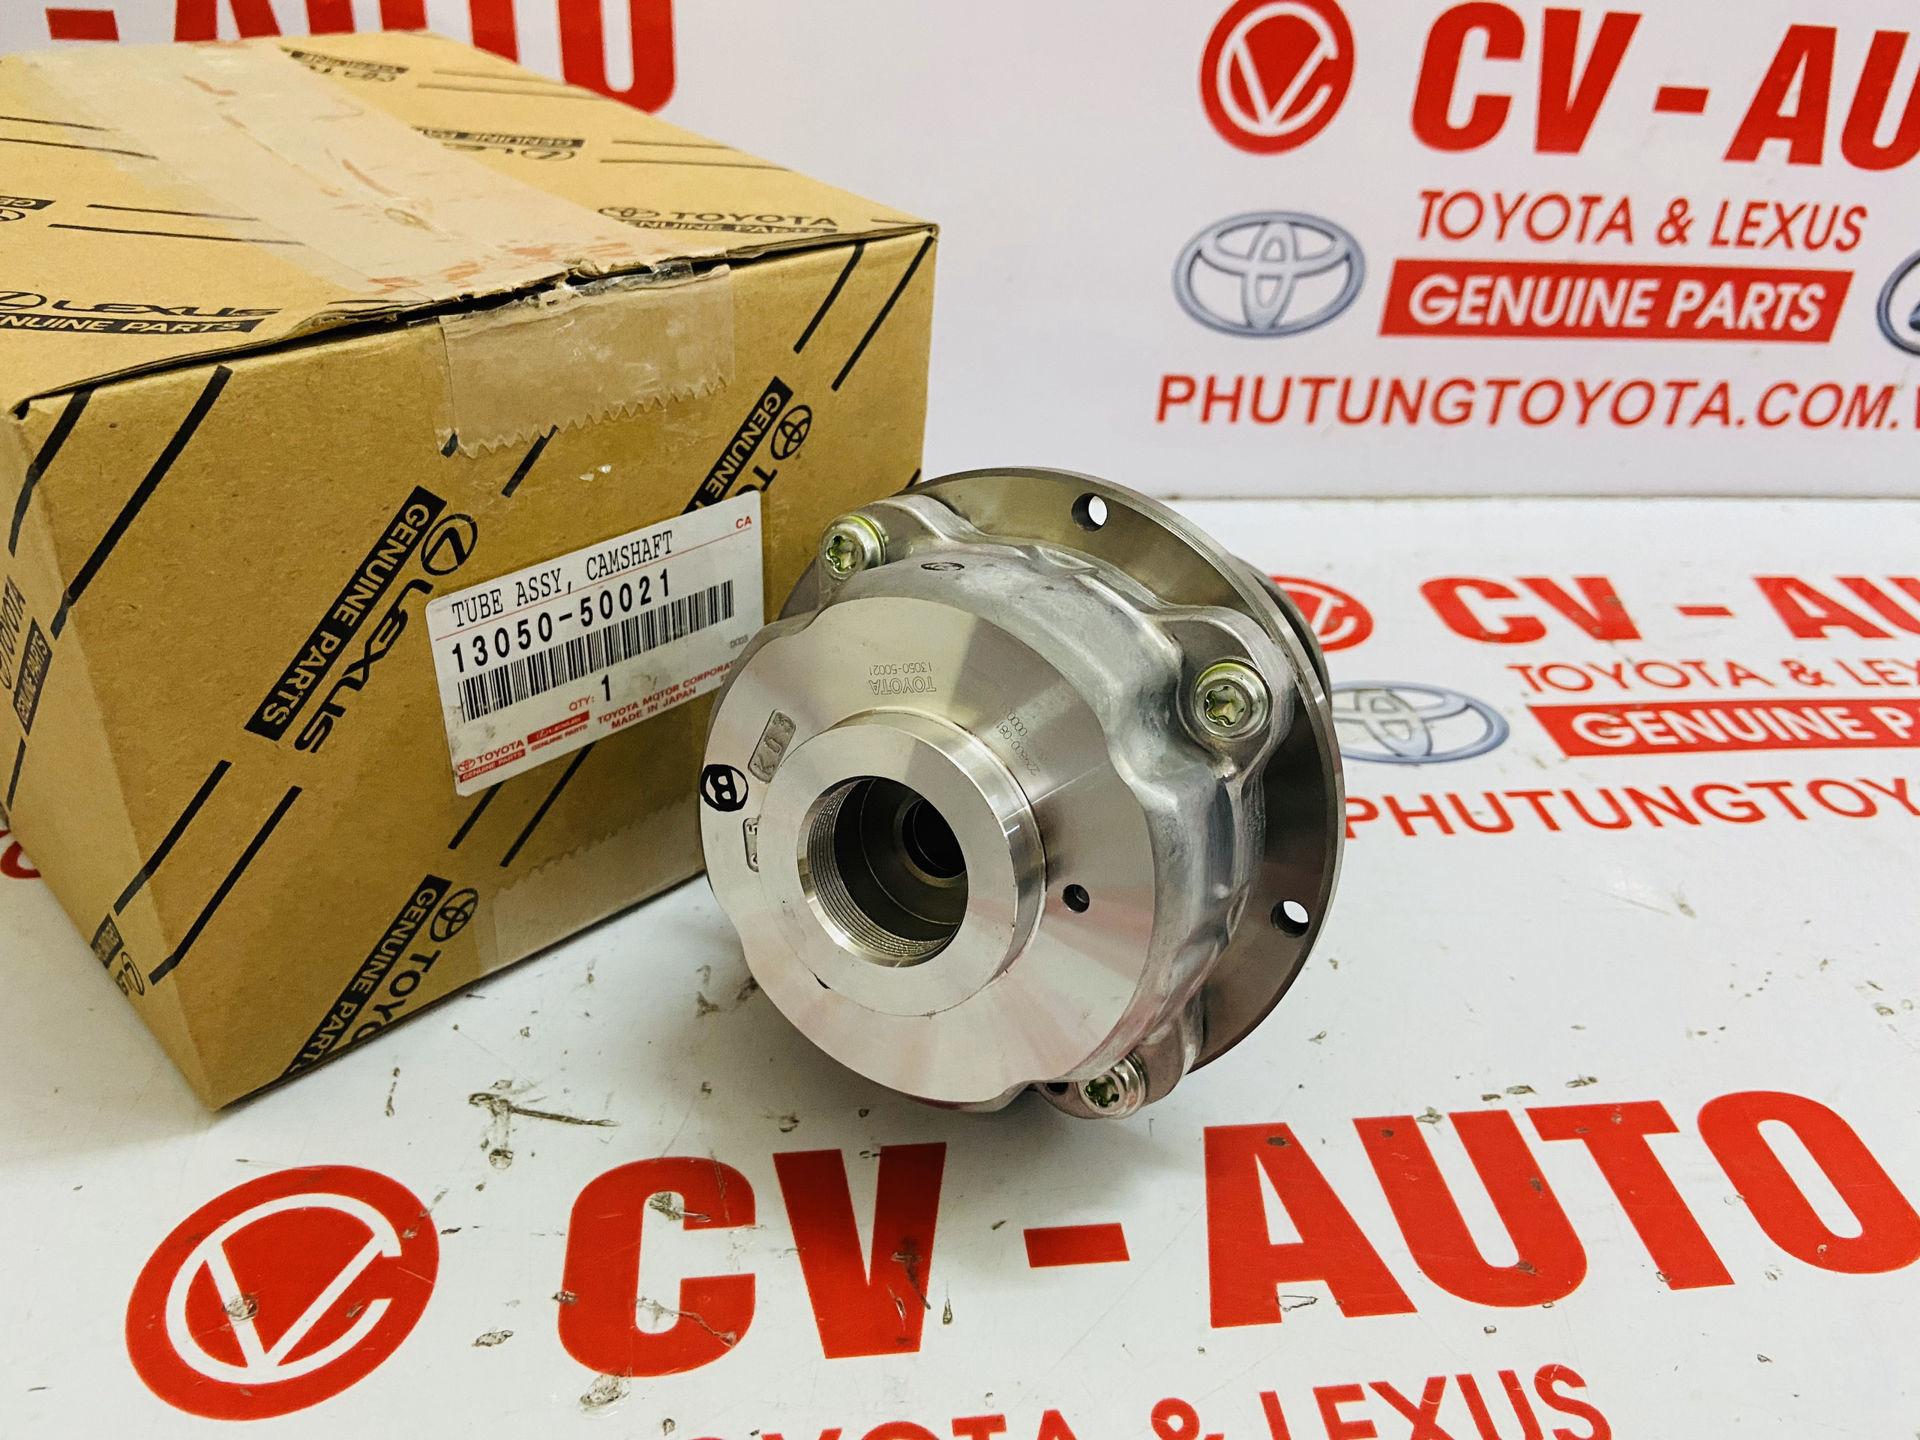 Picture of 13050-50021 Nhông cam hút Lexus GX470 LX470 Land 2UZ chính hãng